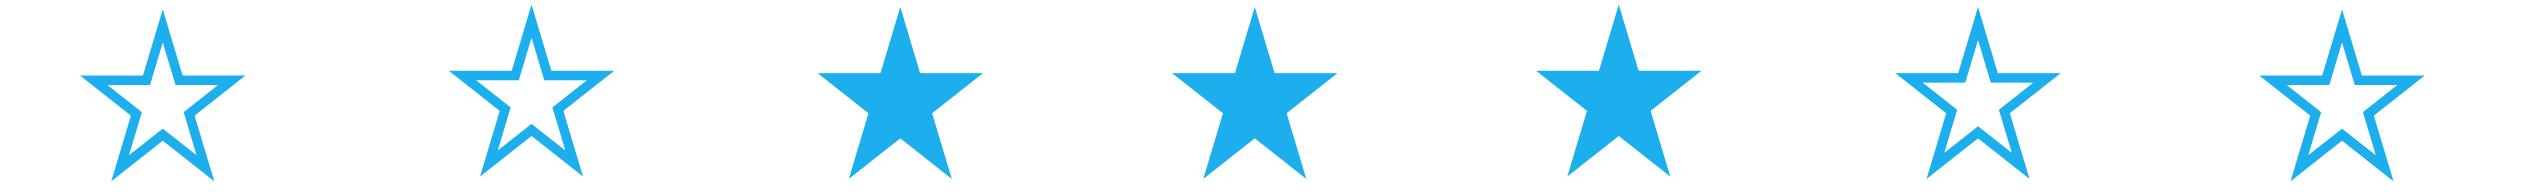 hodnocení štítek přesnosti vodoměru maddalena standard